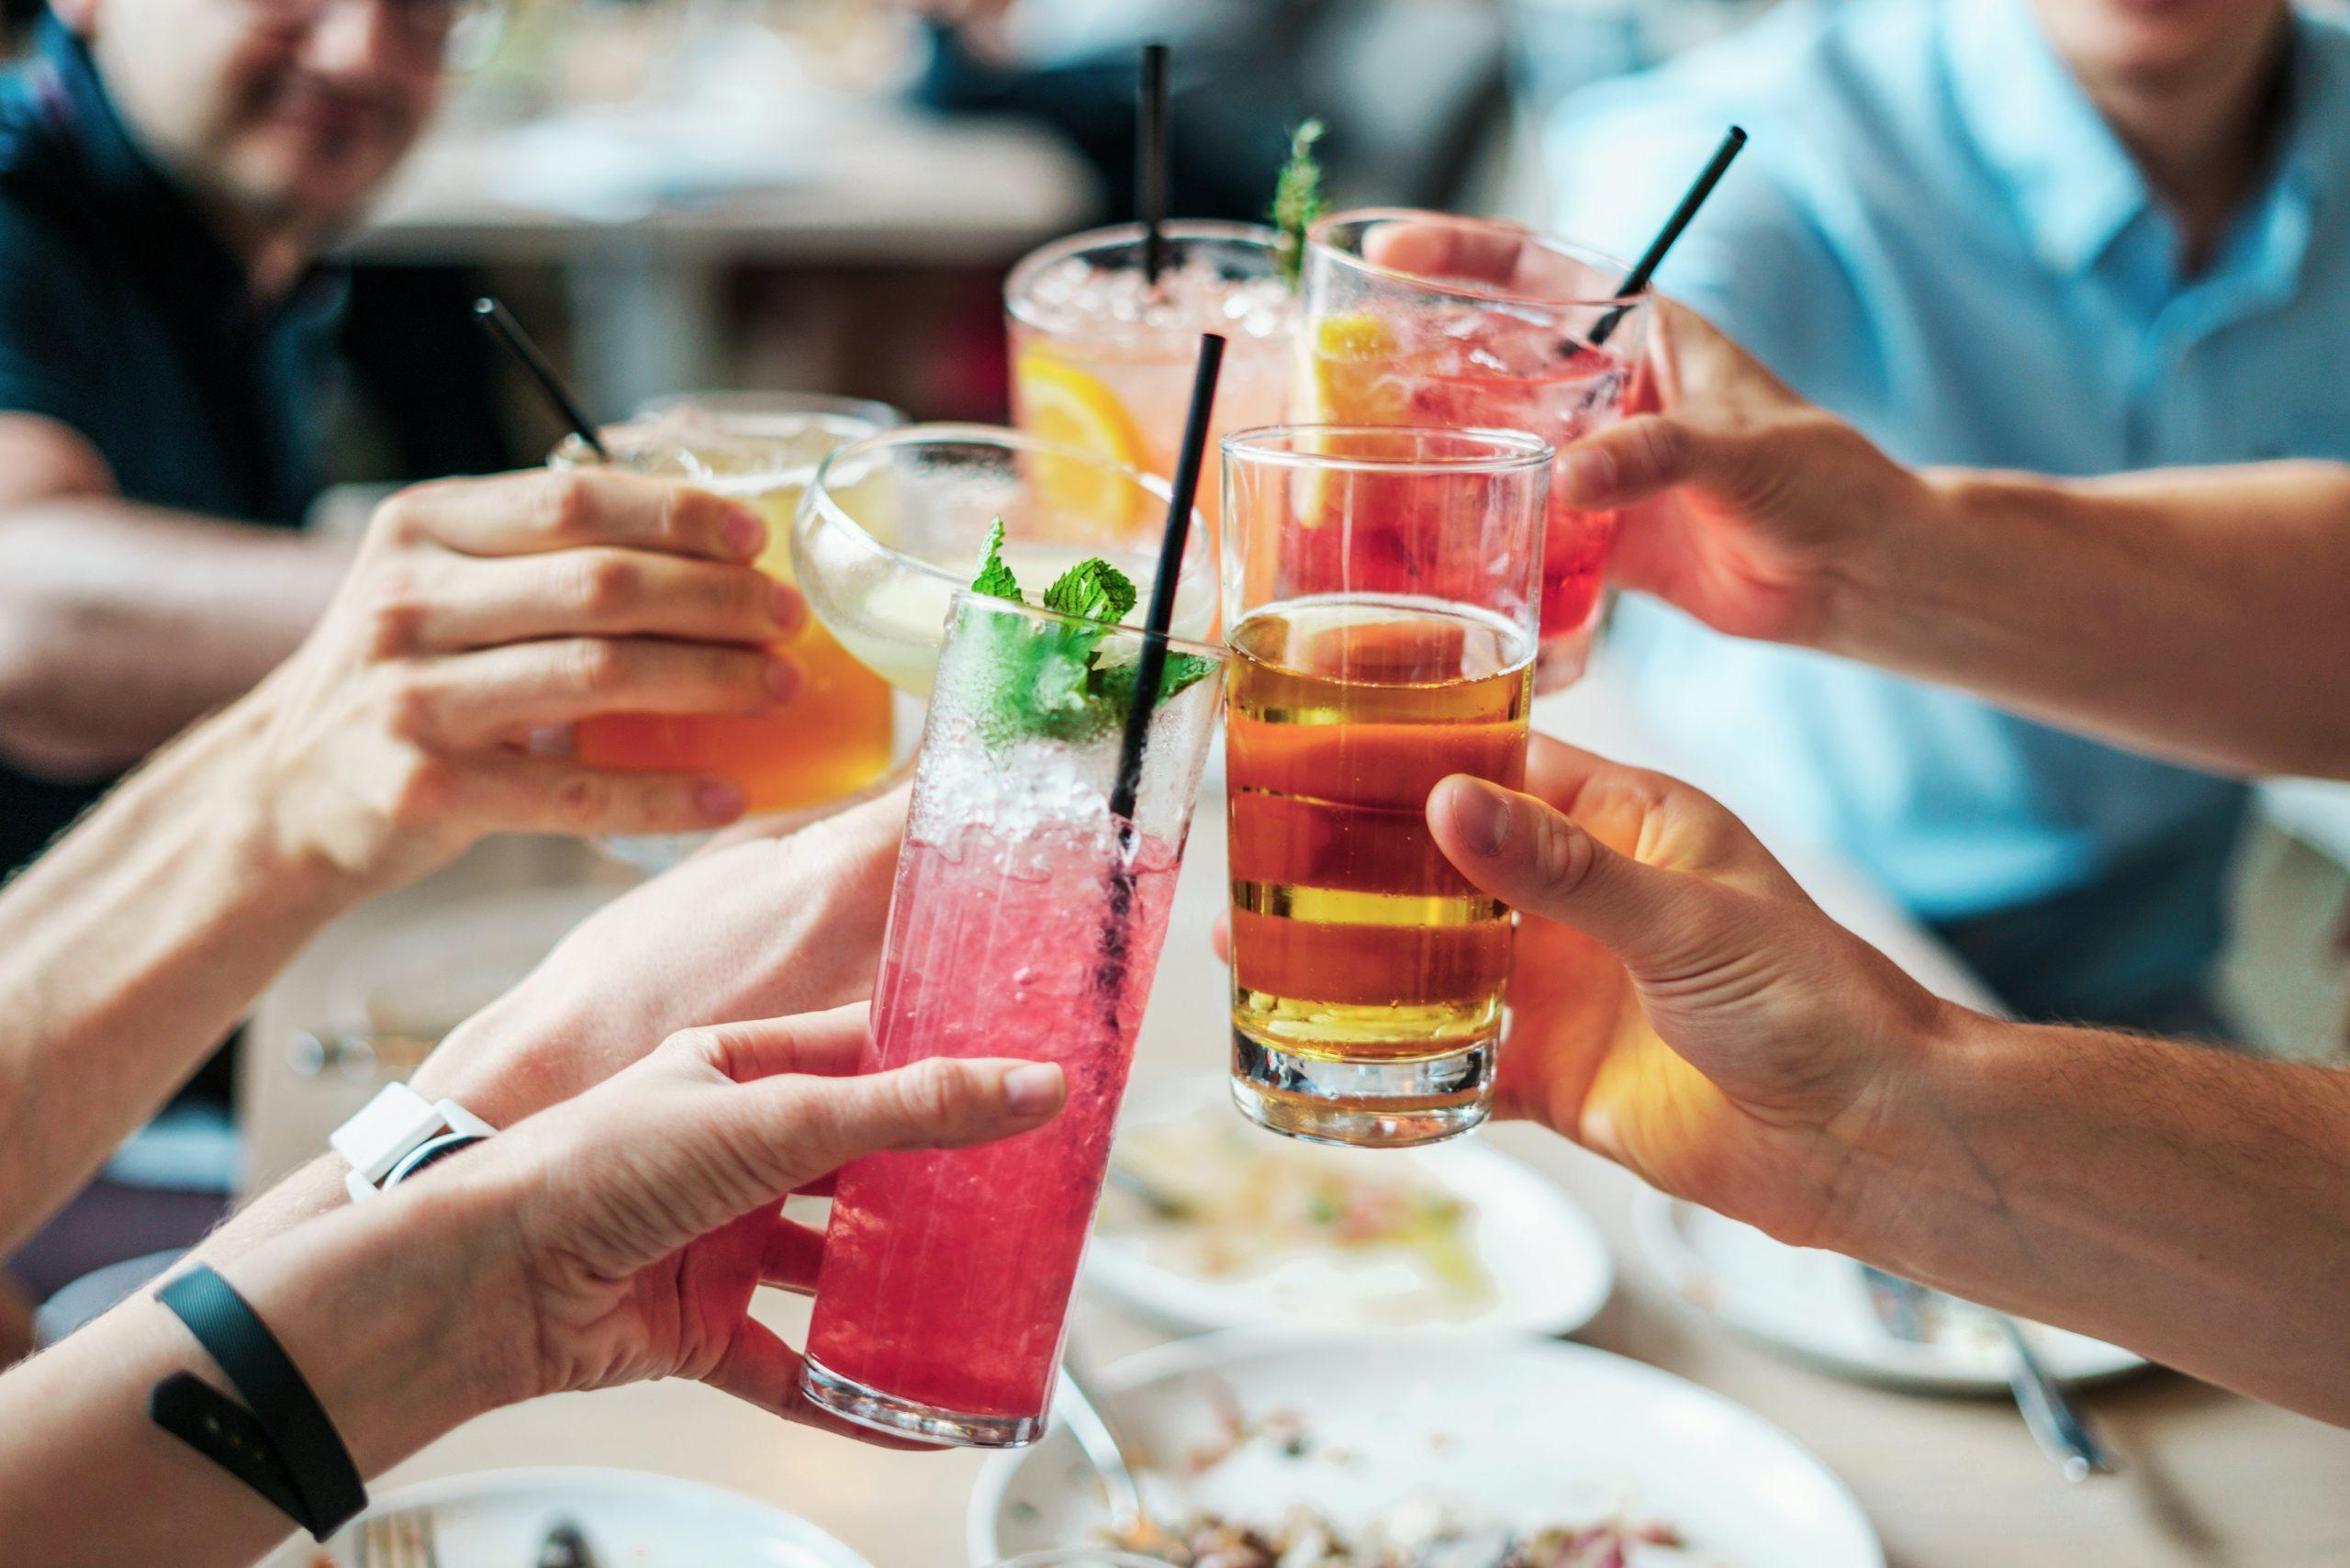 persone che brindano con un cocktail in mano Il mio viaggio in Giappone traveltherapists blog giappone elina e marzia blogger miglior blog di viaggio